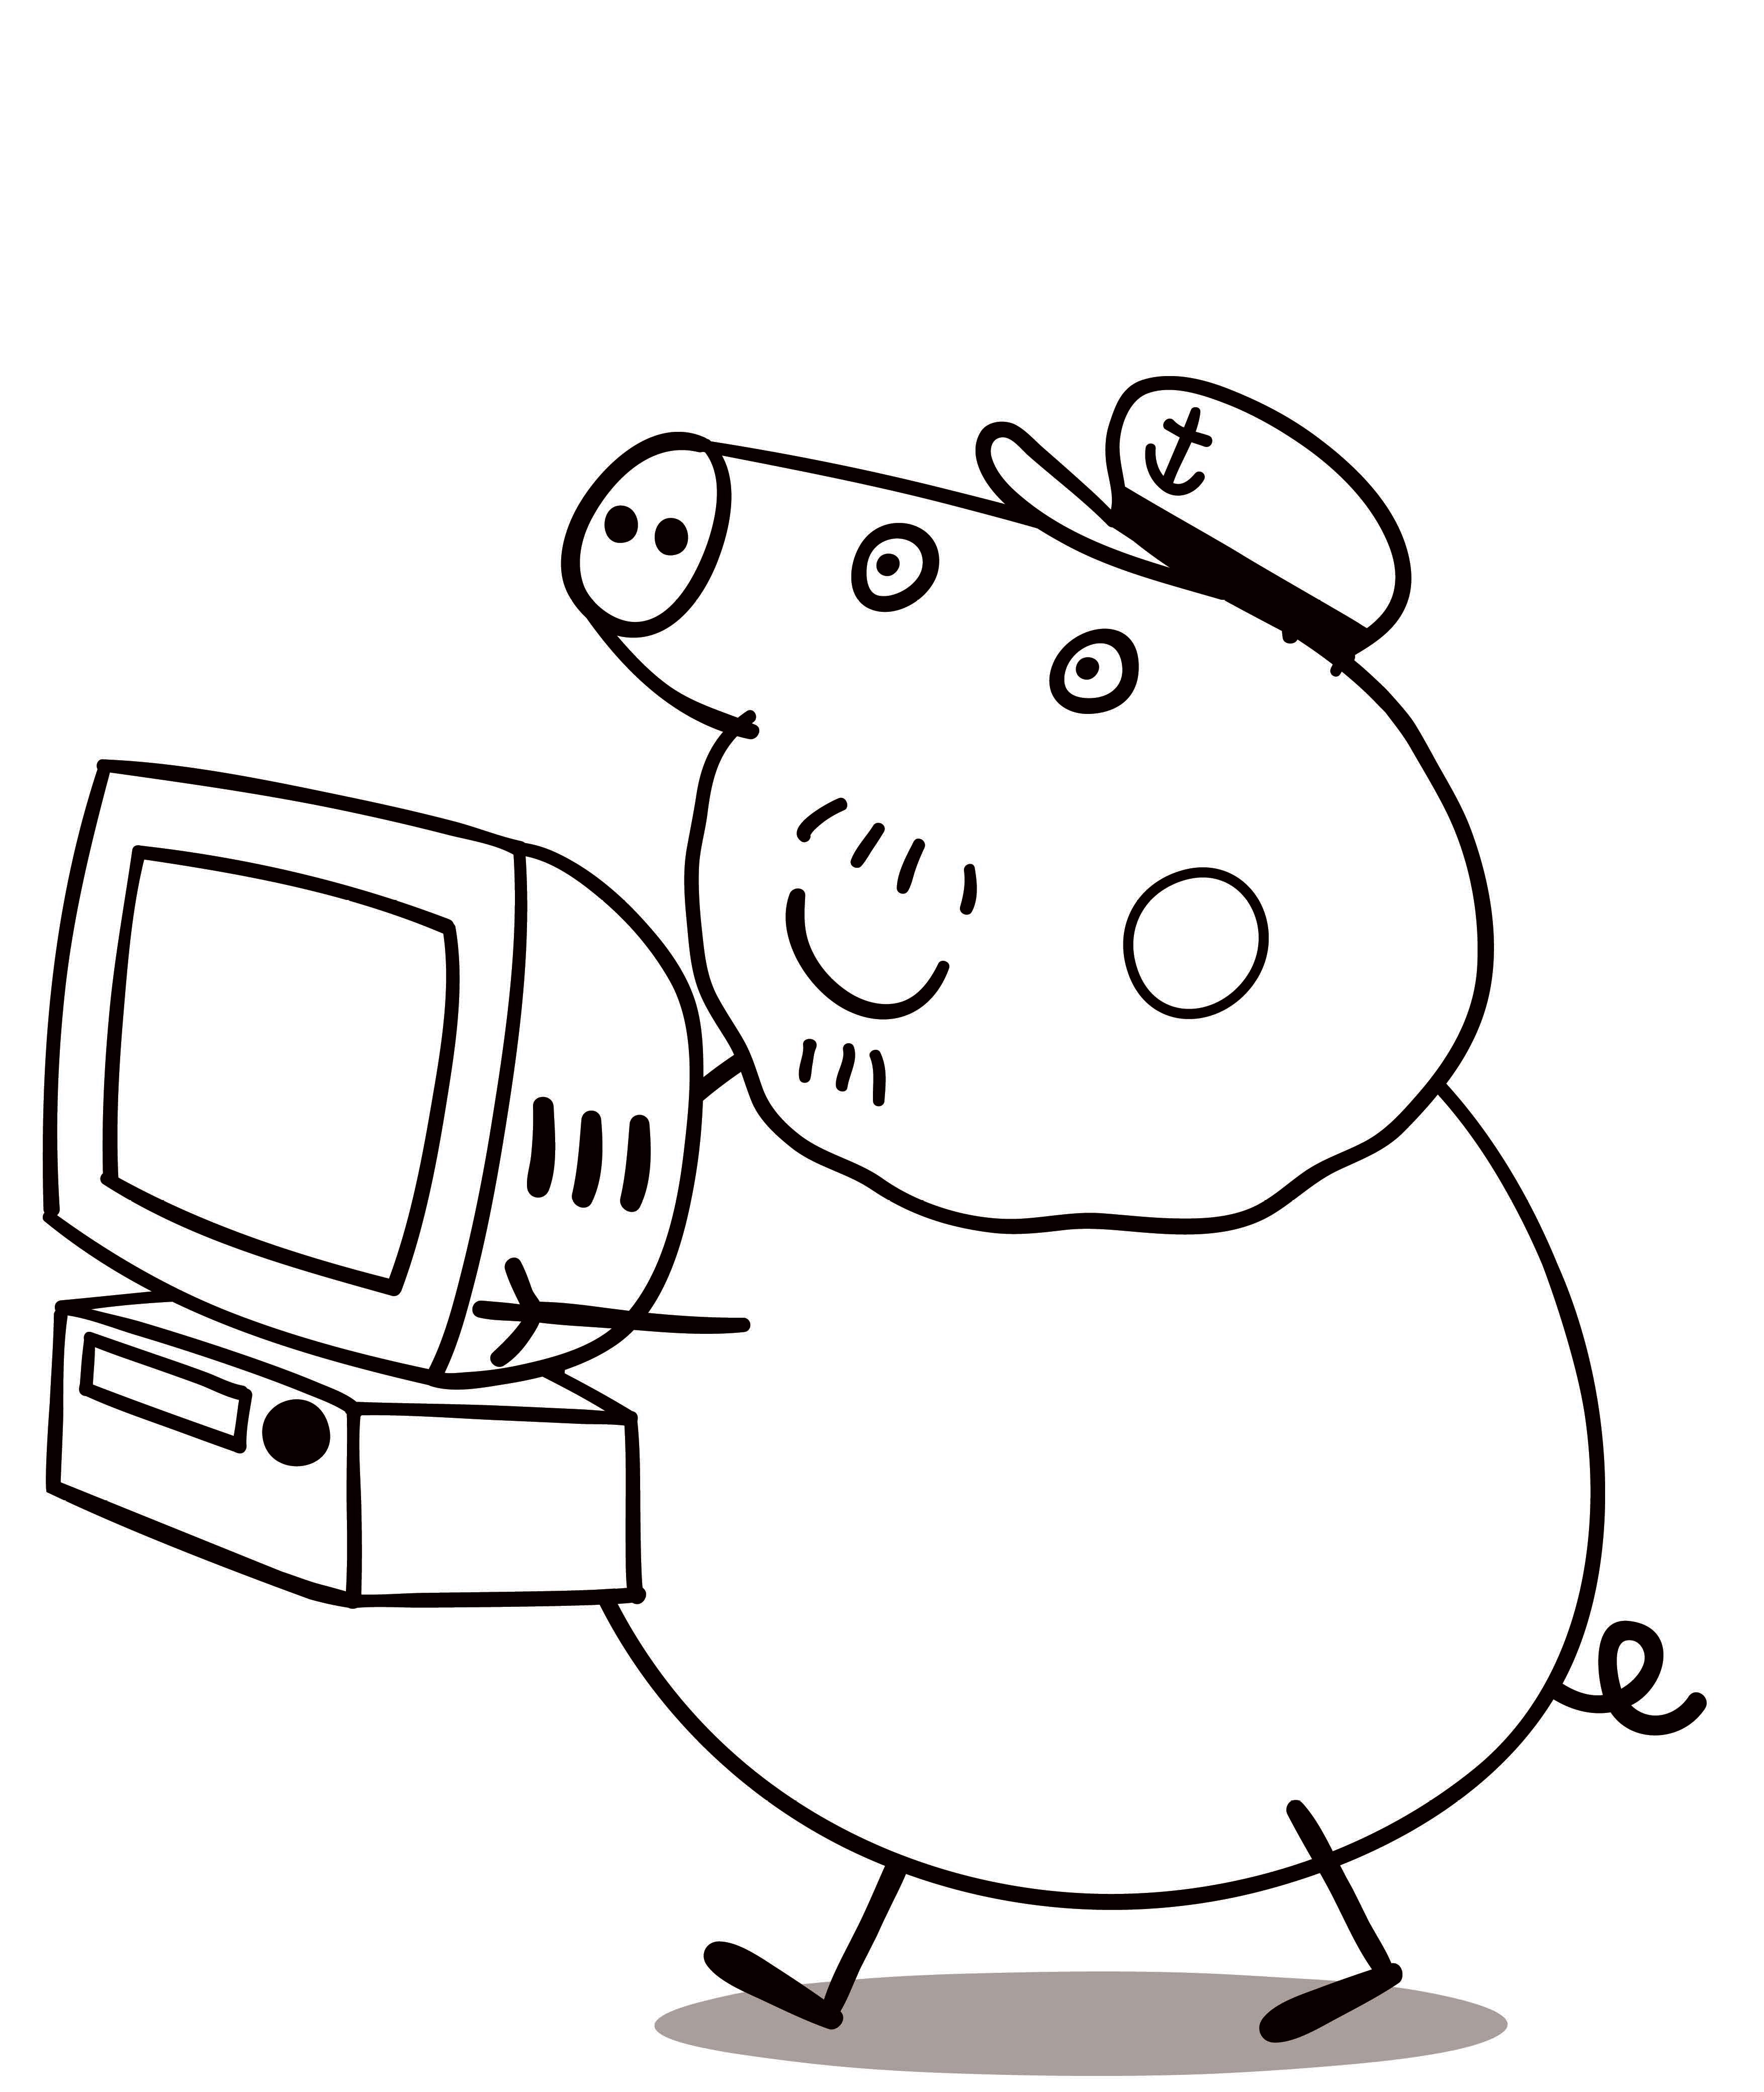 Свинка моряк с телевизором Раскраски с цветами распечатать бесплатно